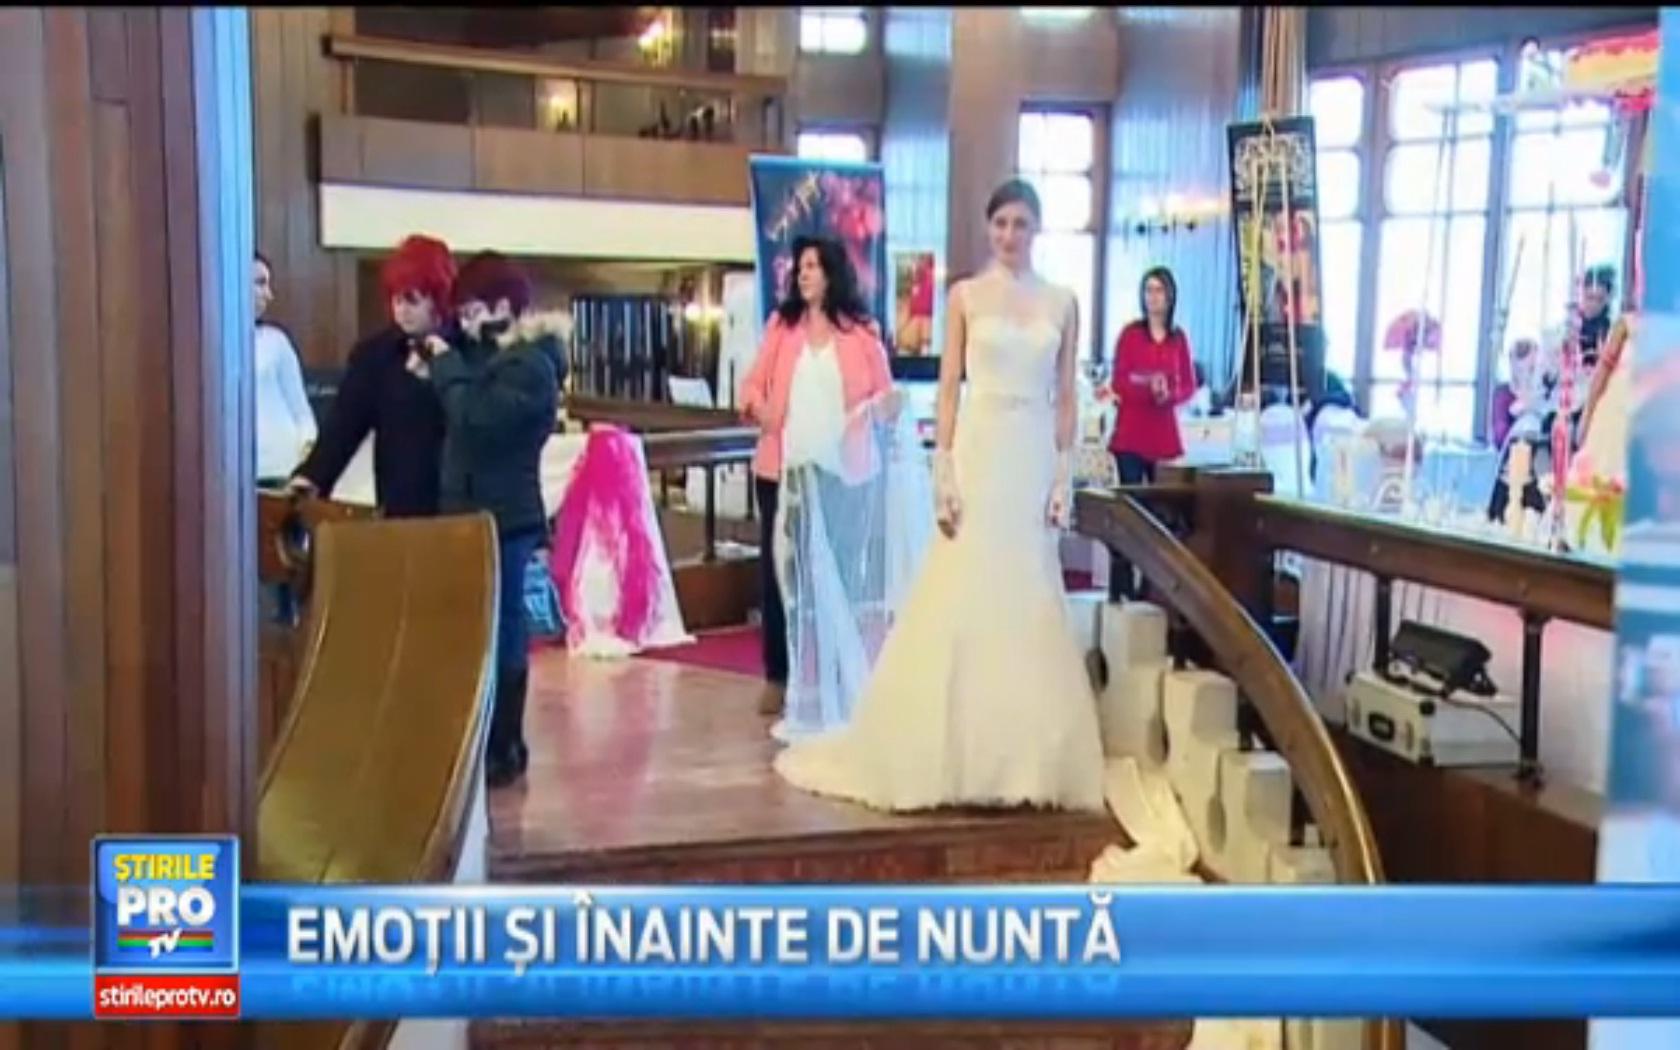 Emotii pentru mirese la Targul de nunti organizat la Mures